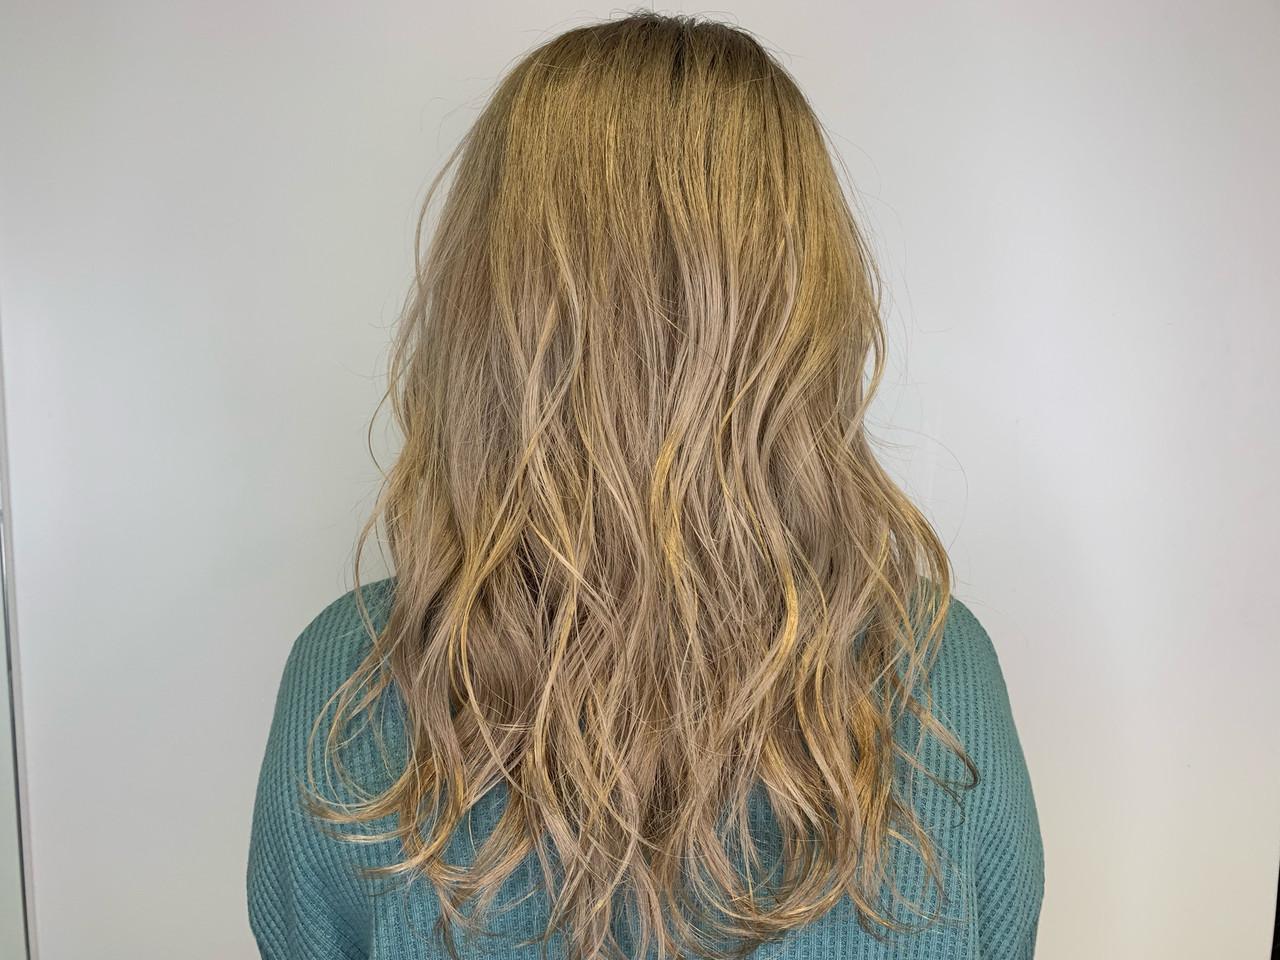 ミルクティーブラウン ガーリー ブロンドカラー セミロング ヘアスタイルや髪型の写真・画像